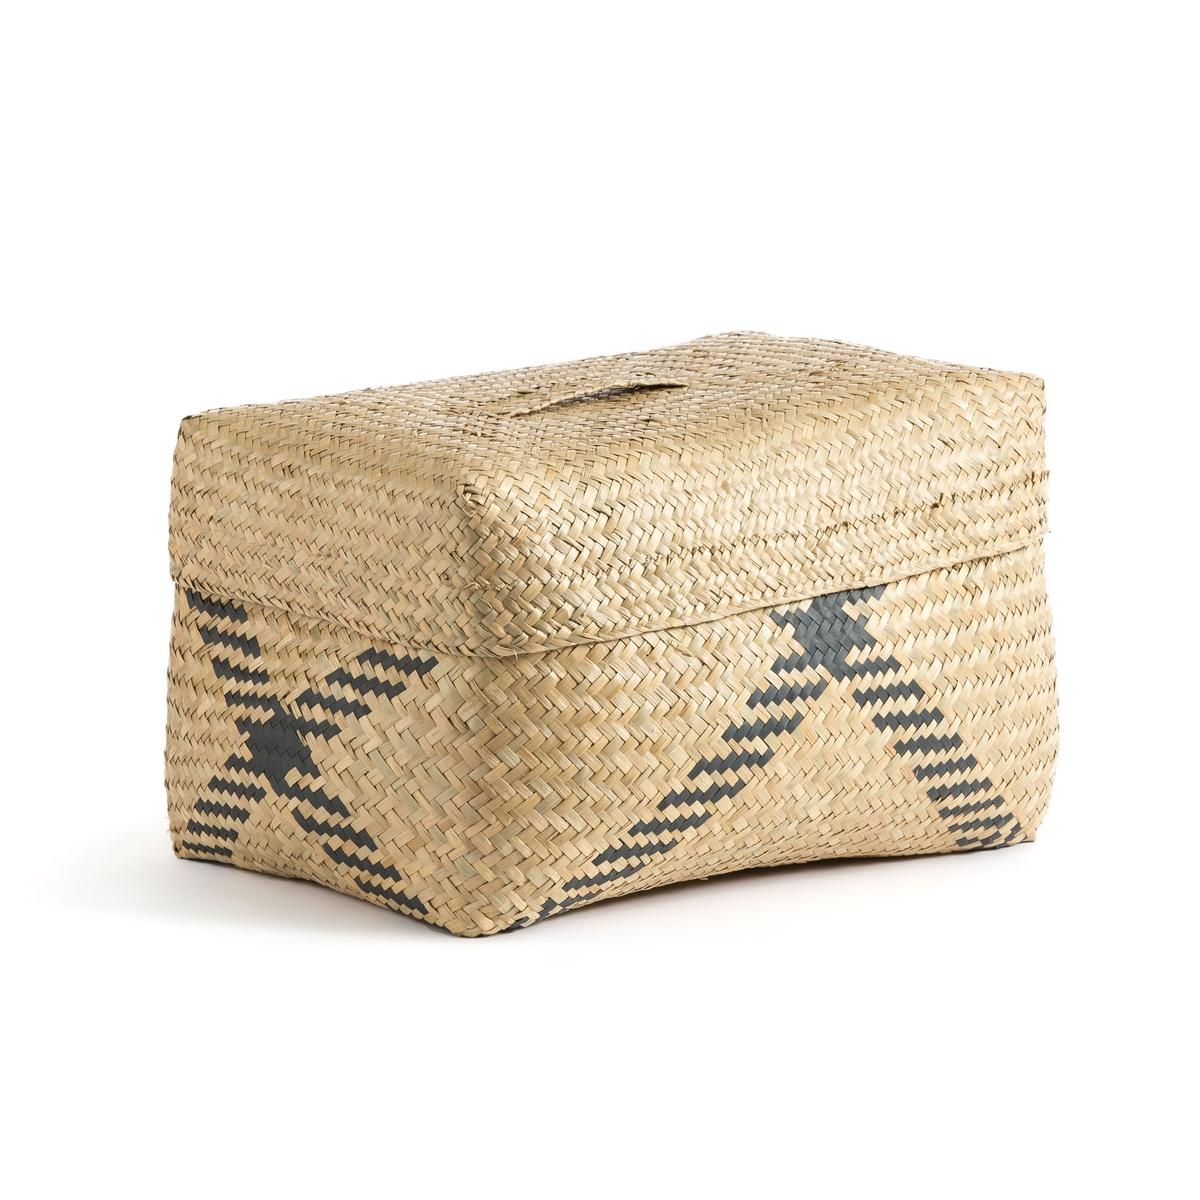 Корзина La Redoute С крышкой Kotak единый размер бежевый полотенце la redoute для рук из махровой ткани хлопок с люверсом единый размер бежевый